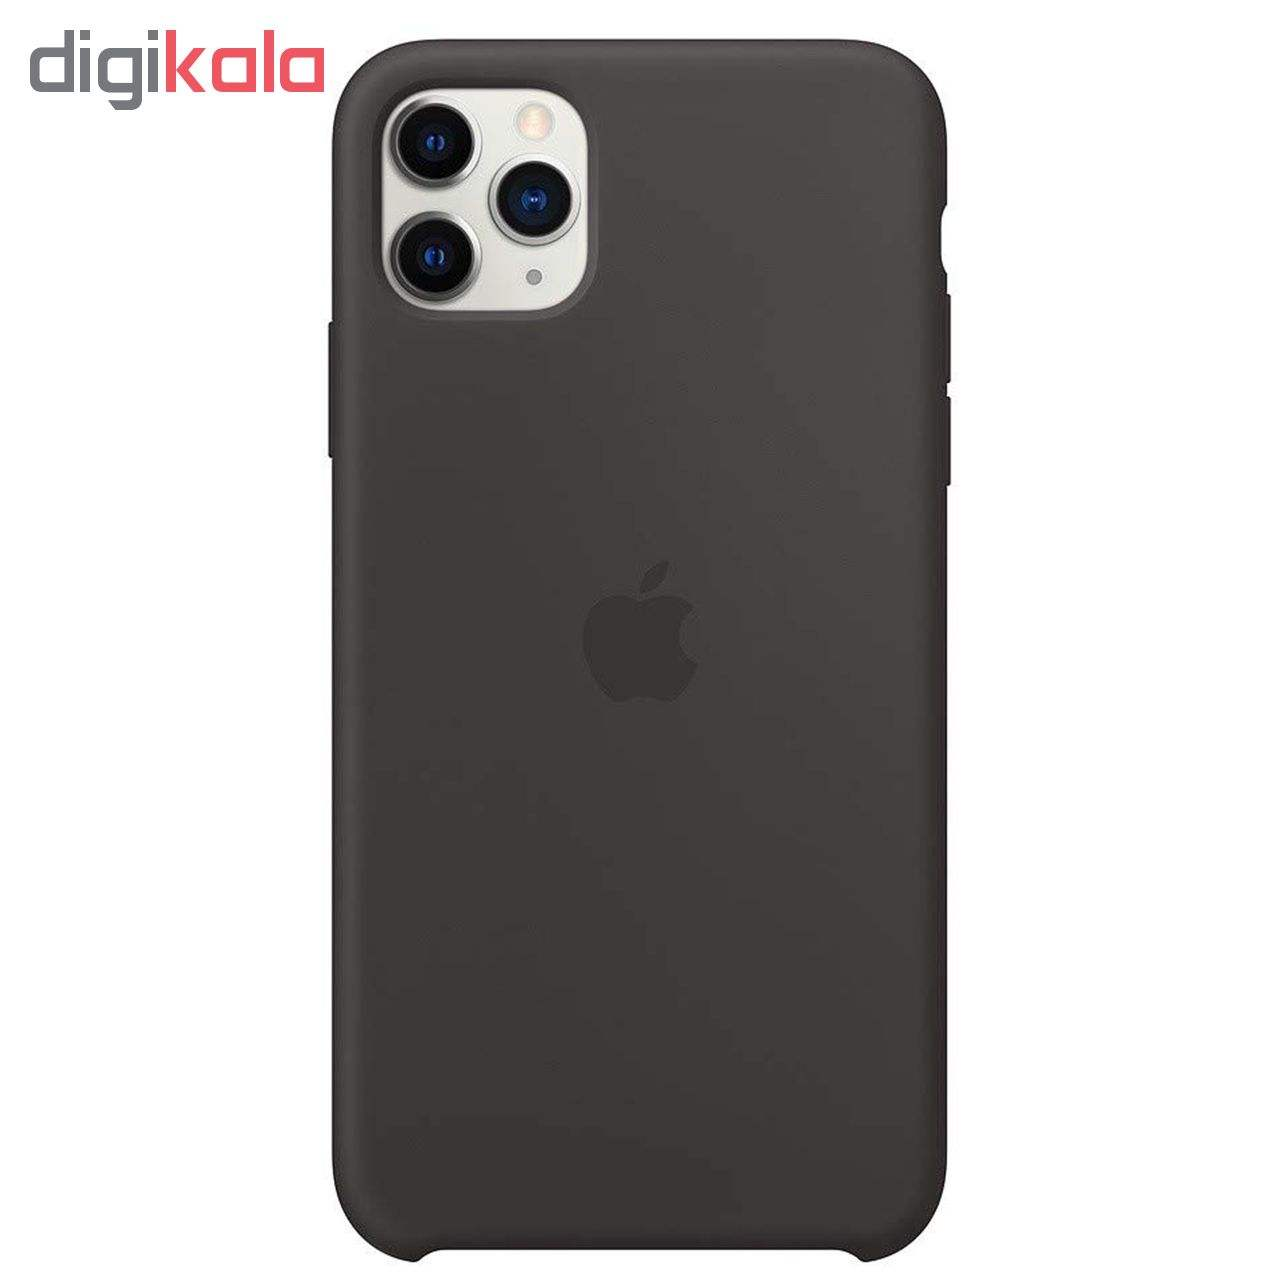 کاور مدل Si1ic0n مناسب برای گوشی موبایل اپل iPhone 11 PRO main 1 1